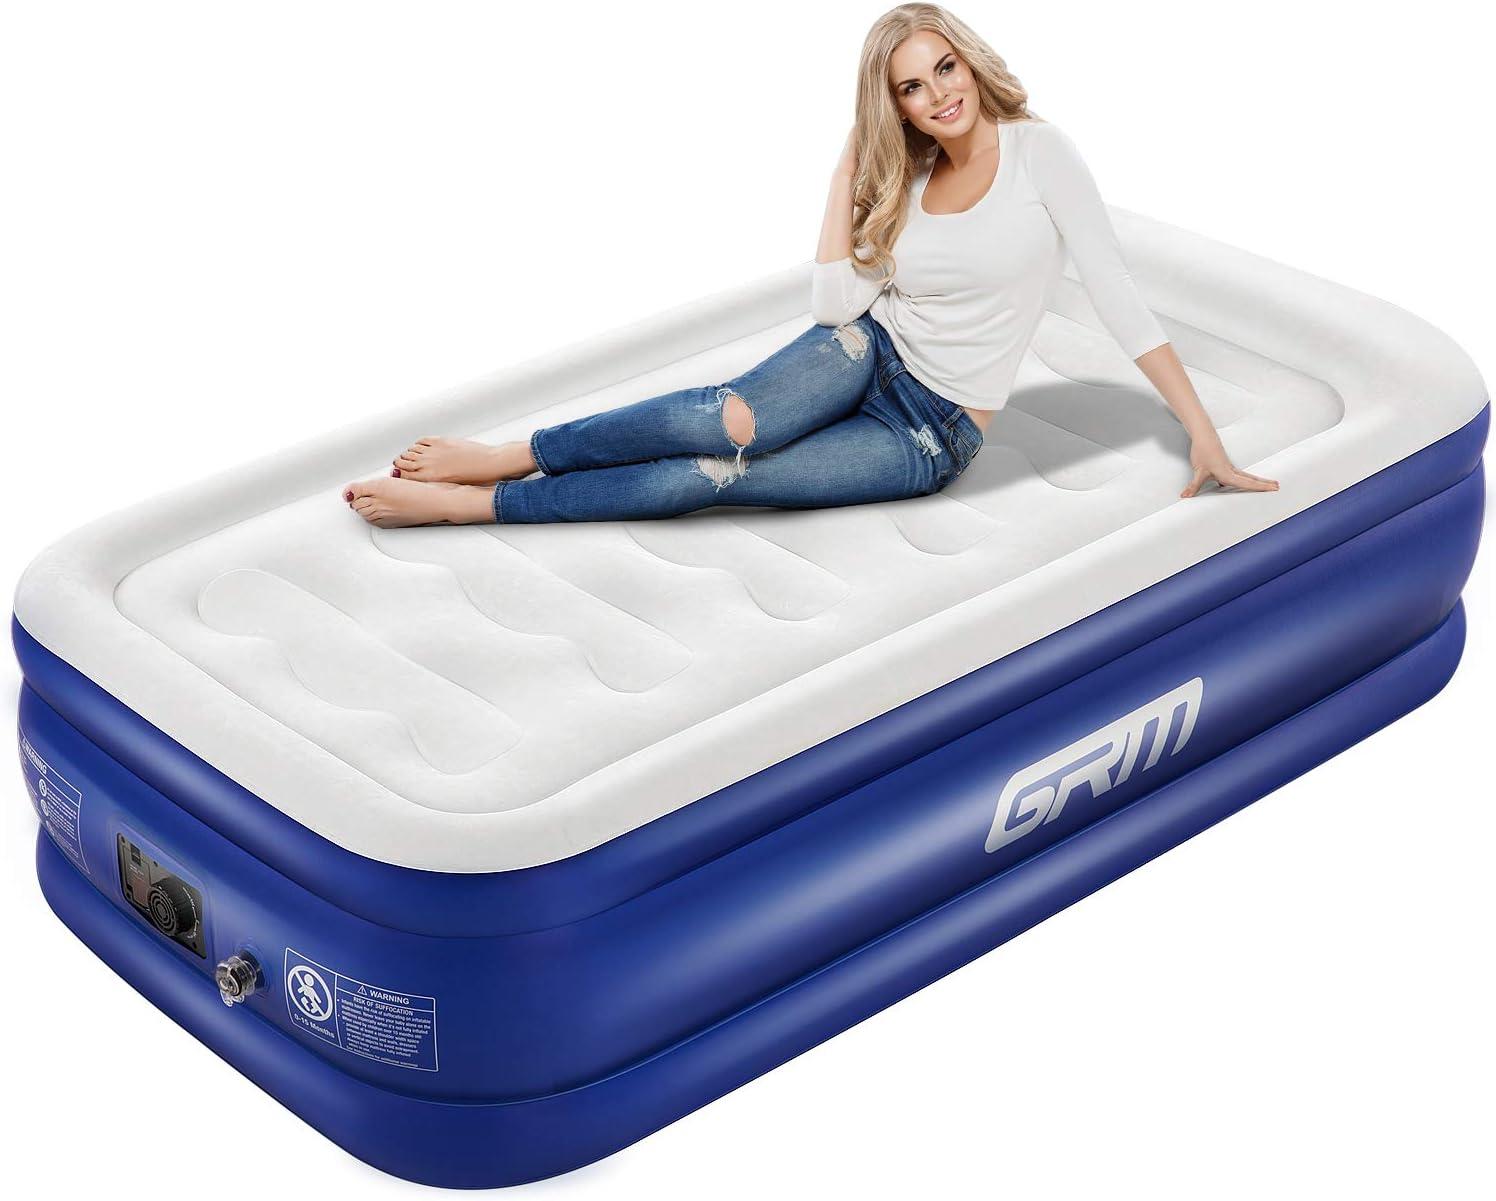 Amazon.com: GRM - Colchón de aire con bomba y almohada ...